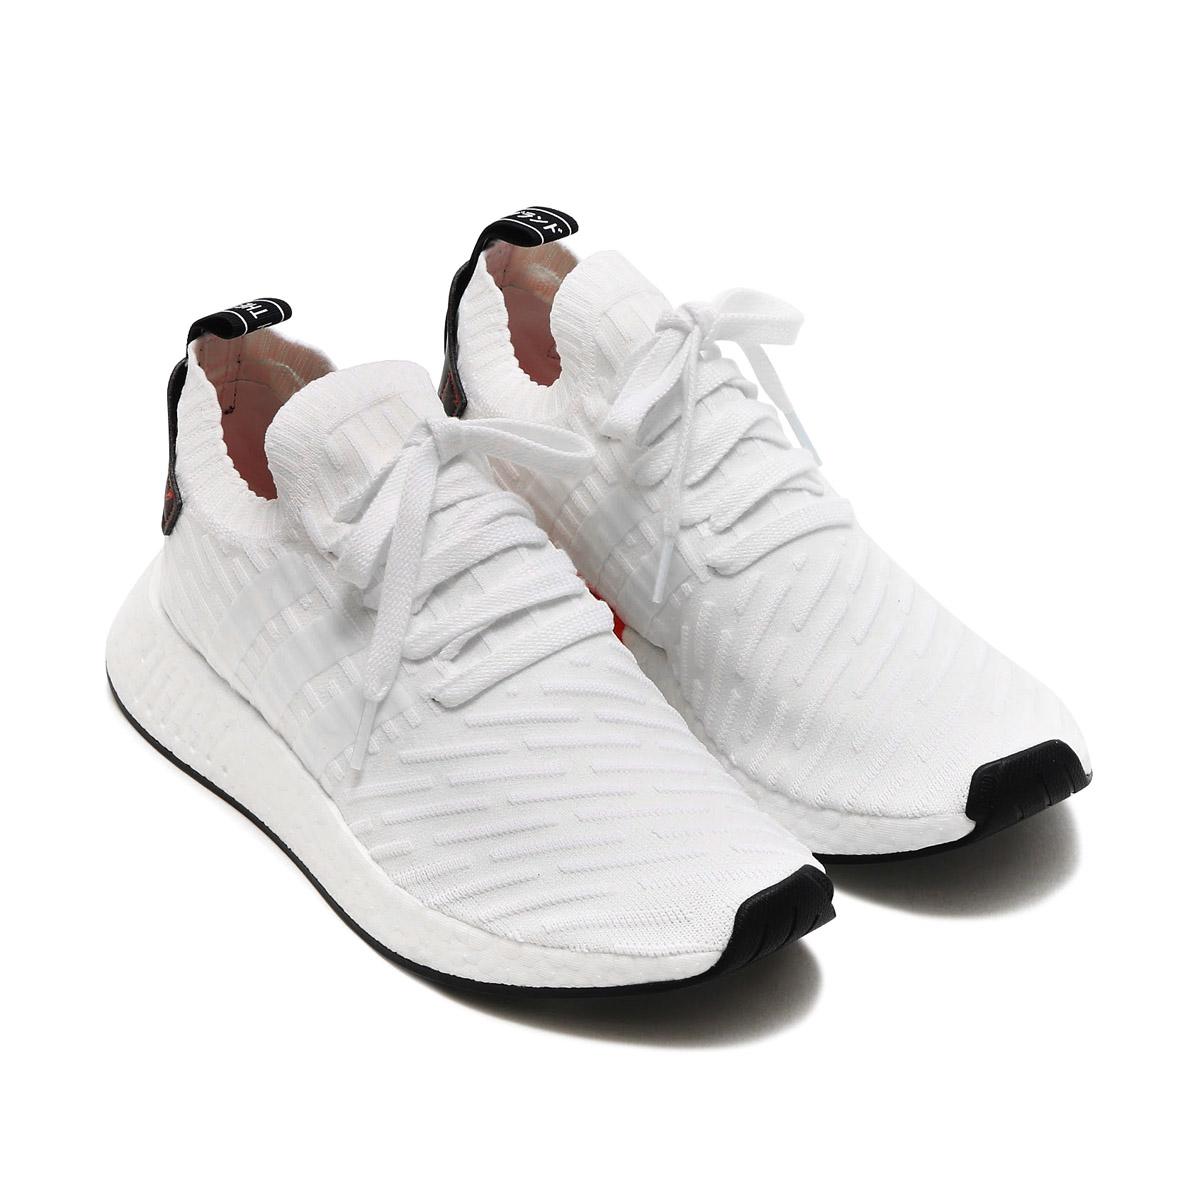 hot sale online a3450 c2a97 adidas Originals NMD_R2 PK (Adidas NMD_R2 PK) (white) 17FW-I